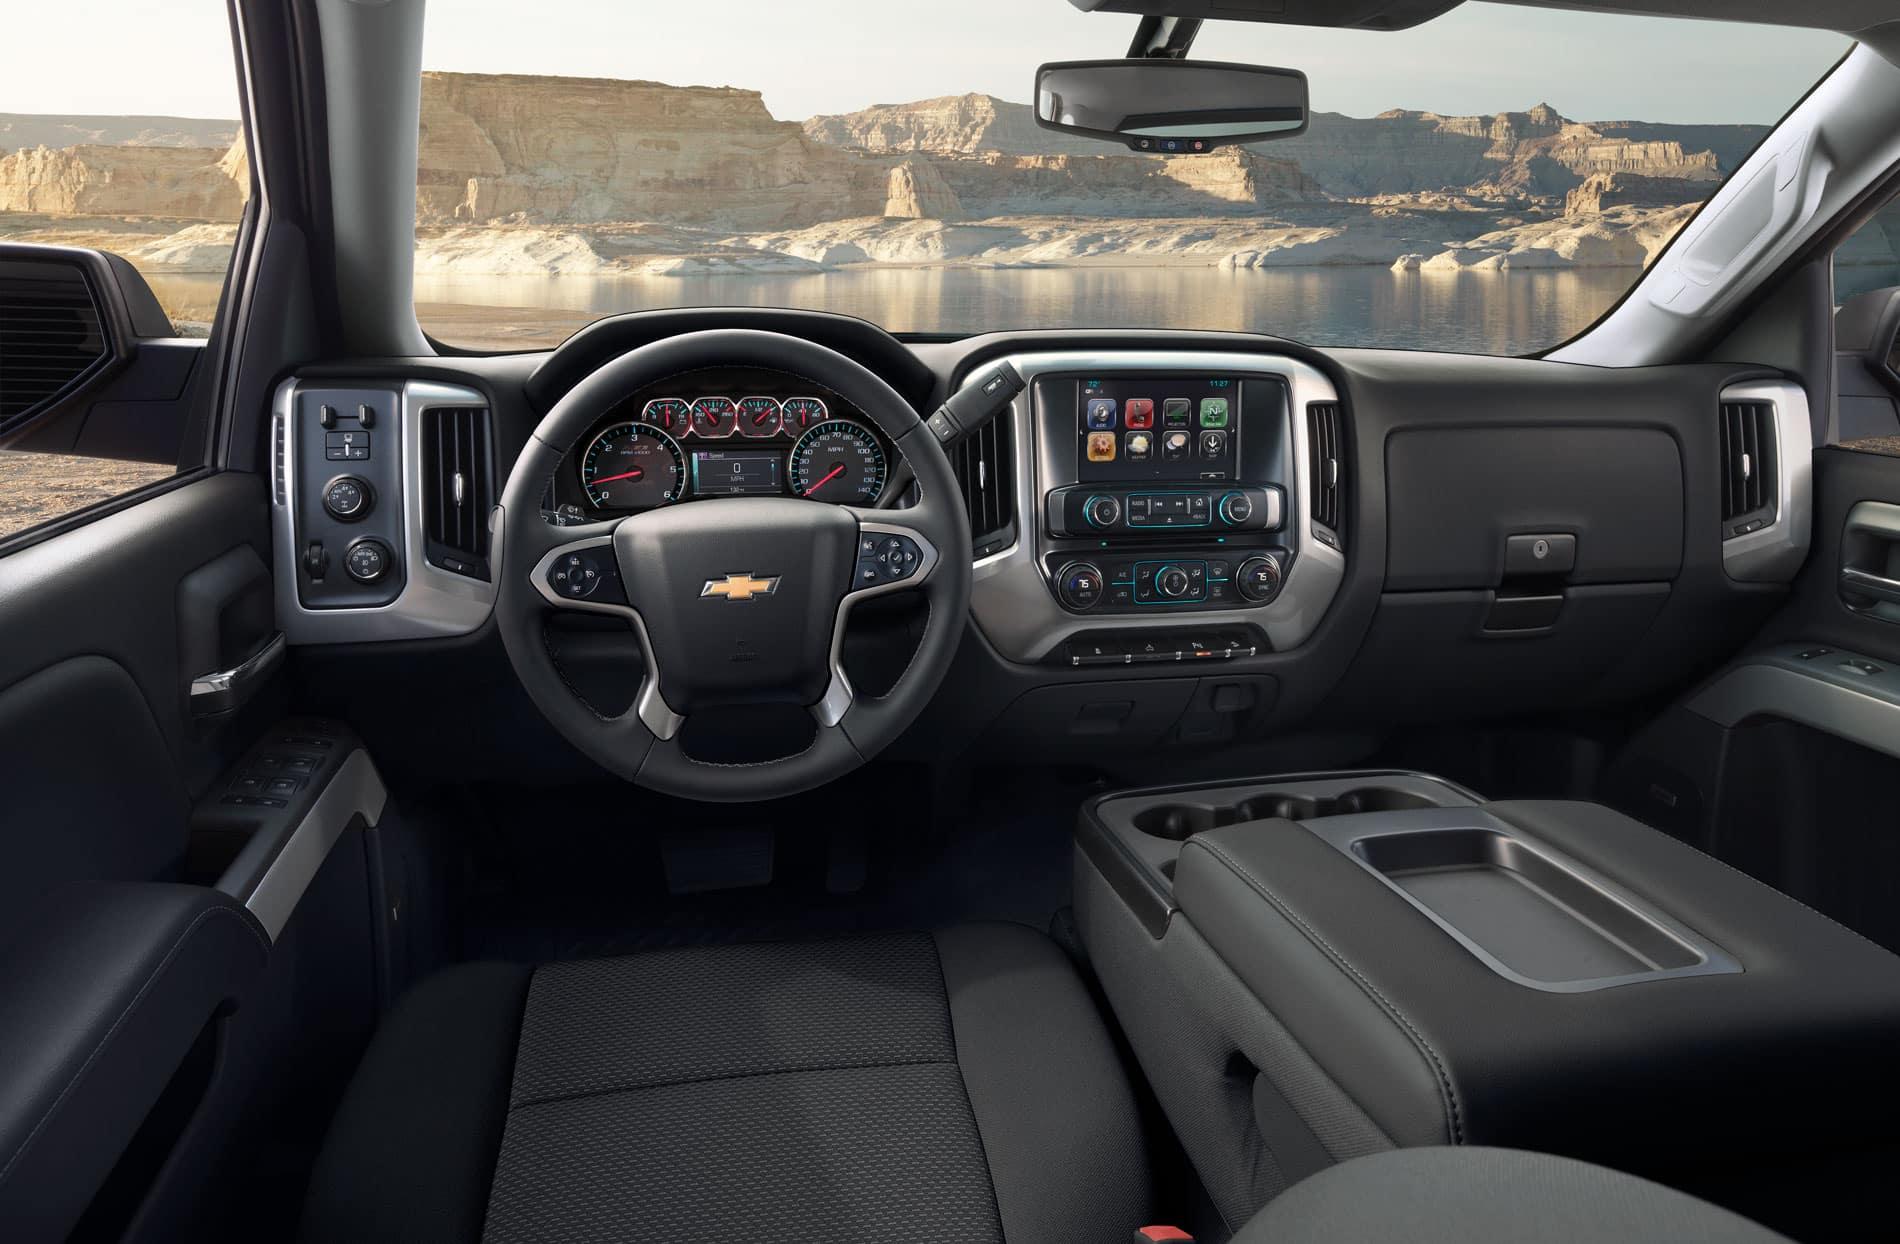 2018 texas edition silverado interior